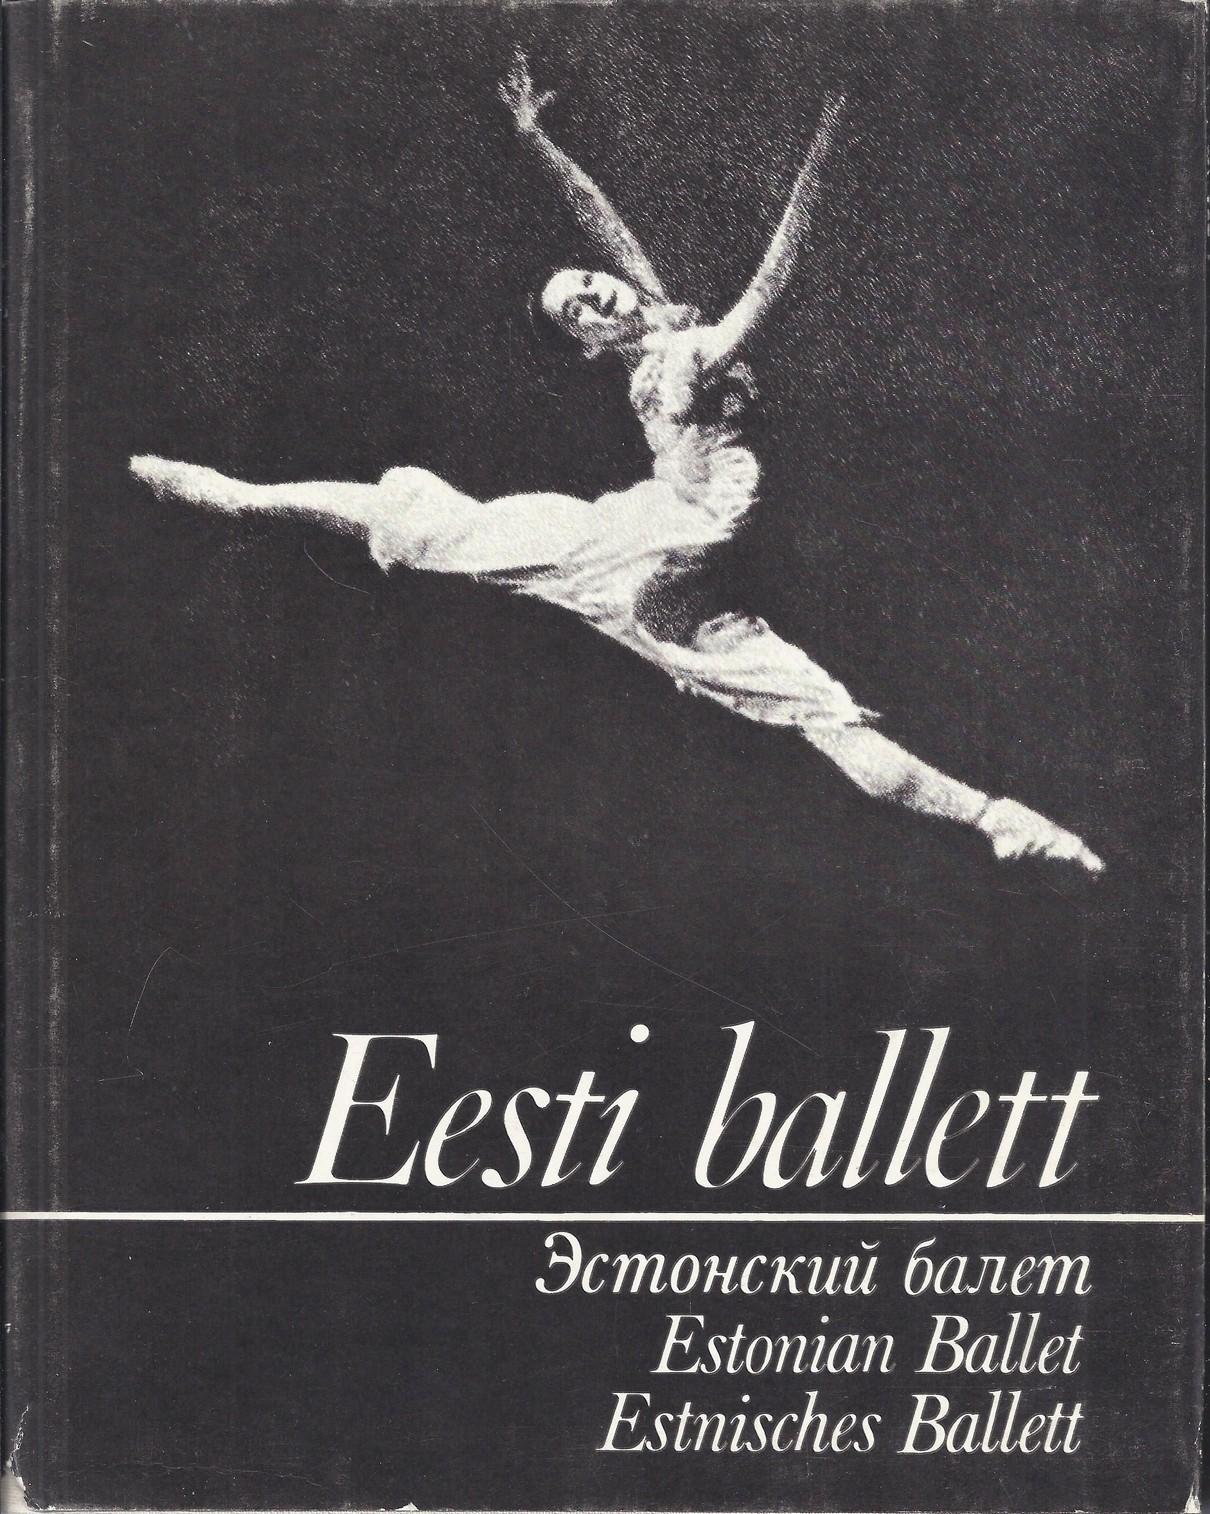 Eesti ballett